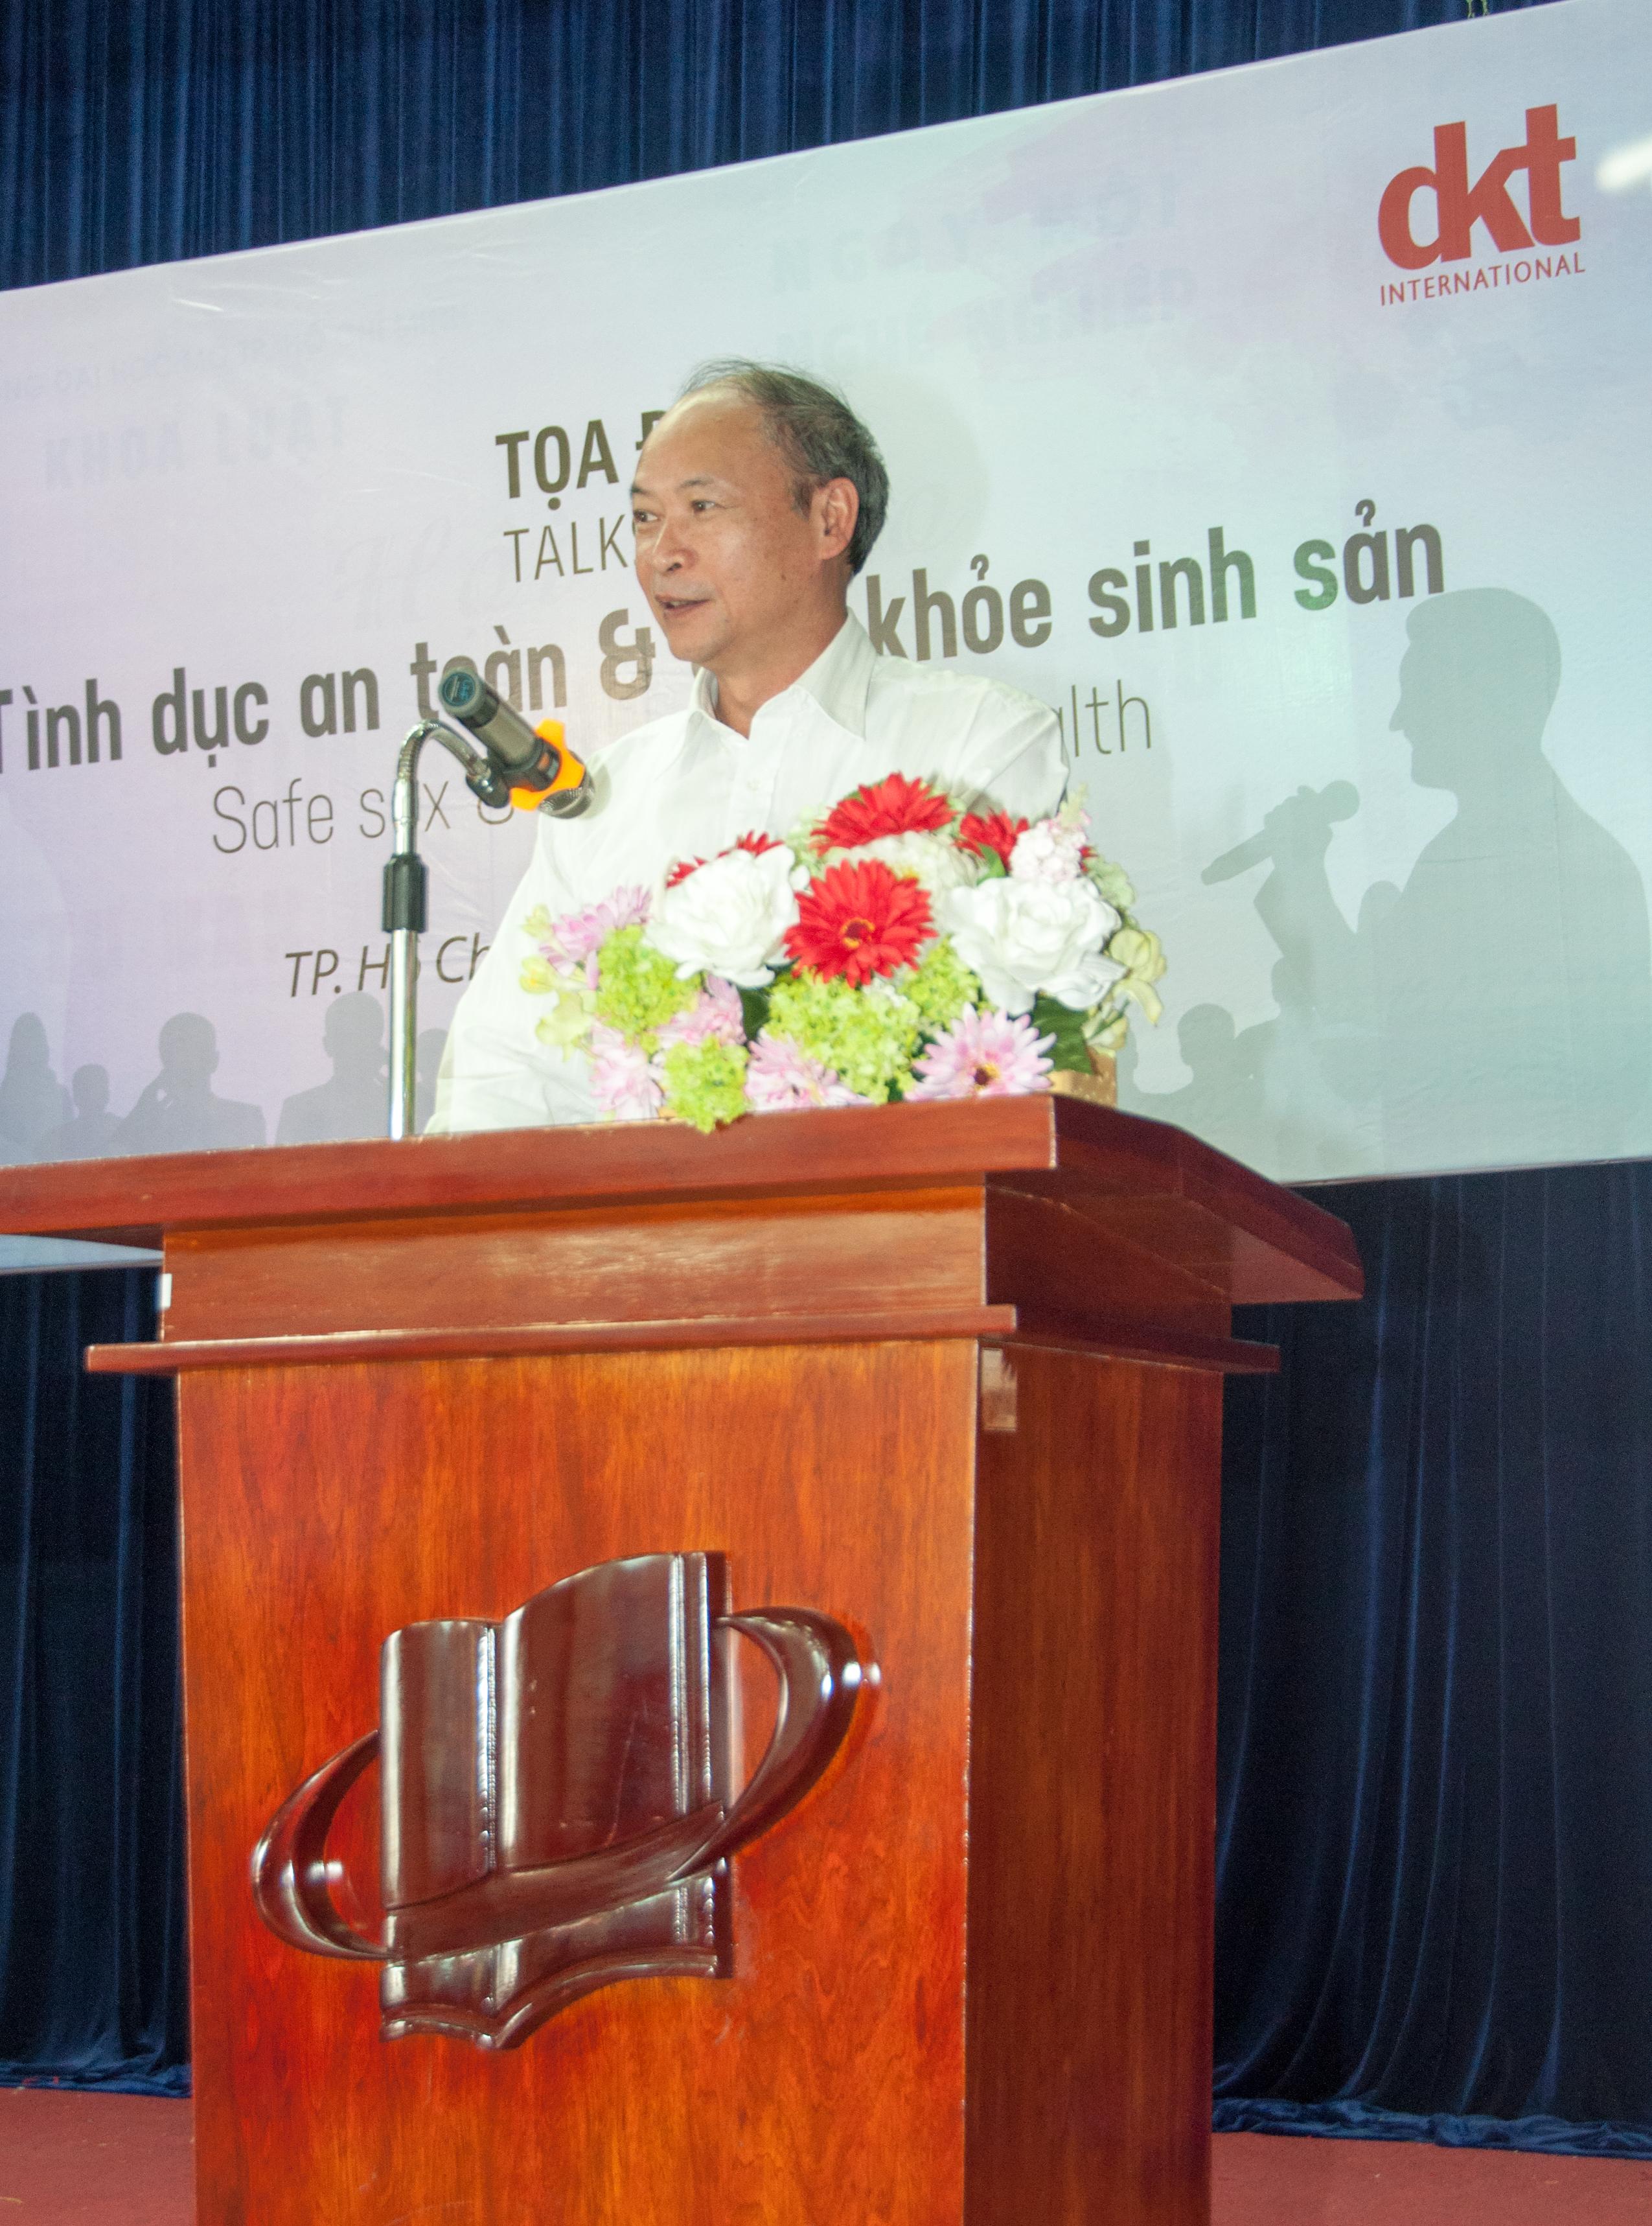 Ông Nguyễn Văn Tân - phó cục trưởng tổng cục dân số Việt Nam